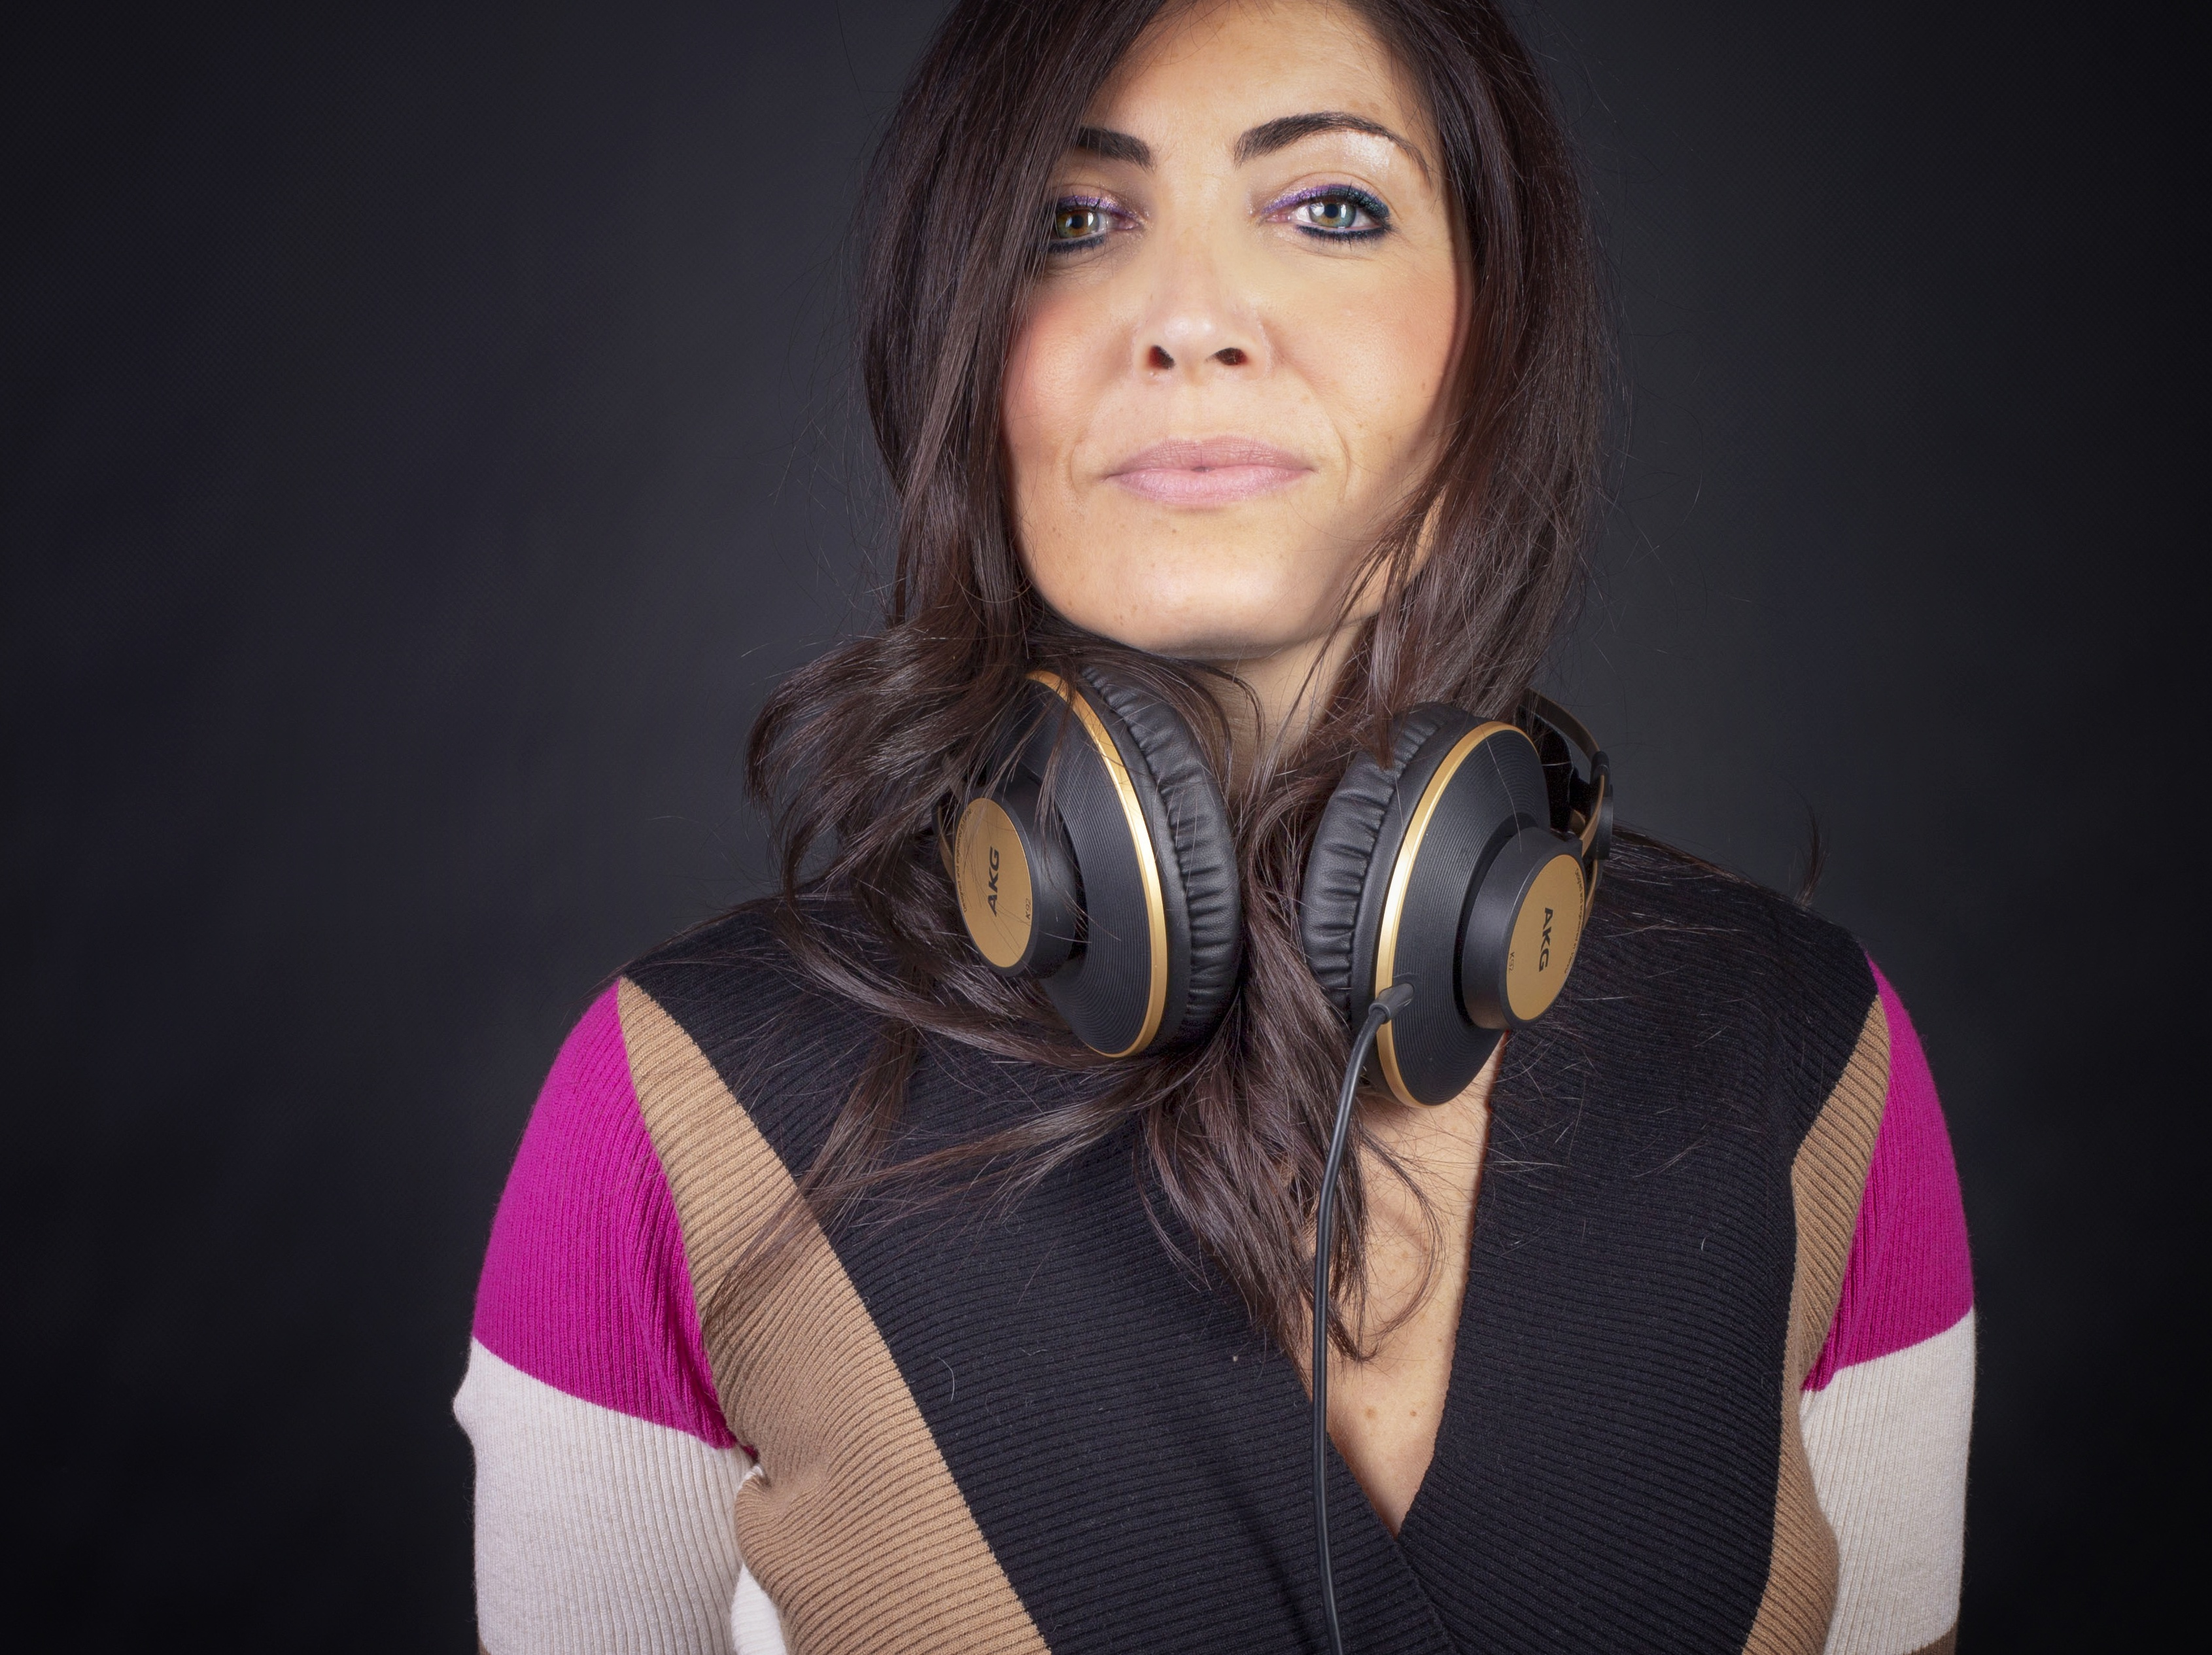 Laura Badiini 1 - Radio. Tanti gli errori commessi nella interazione sul web. Da siti vecchi a immagini inflazionate, da social mal utilizzati a zero budget promozione